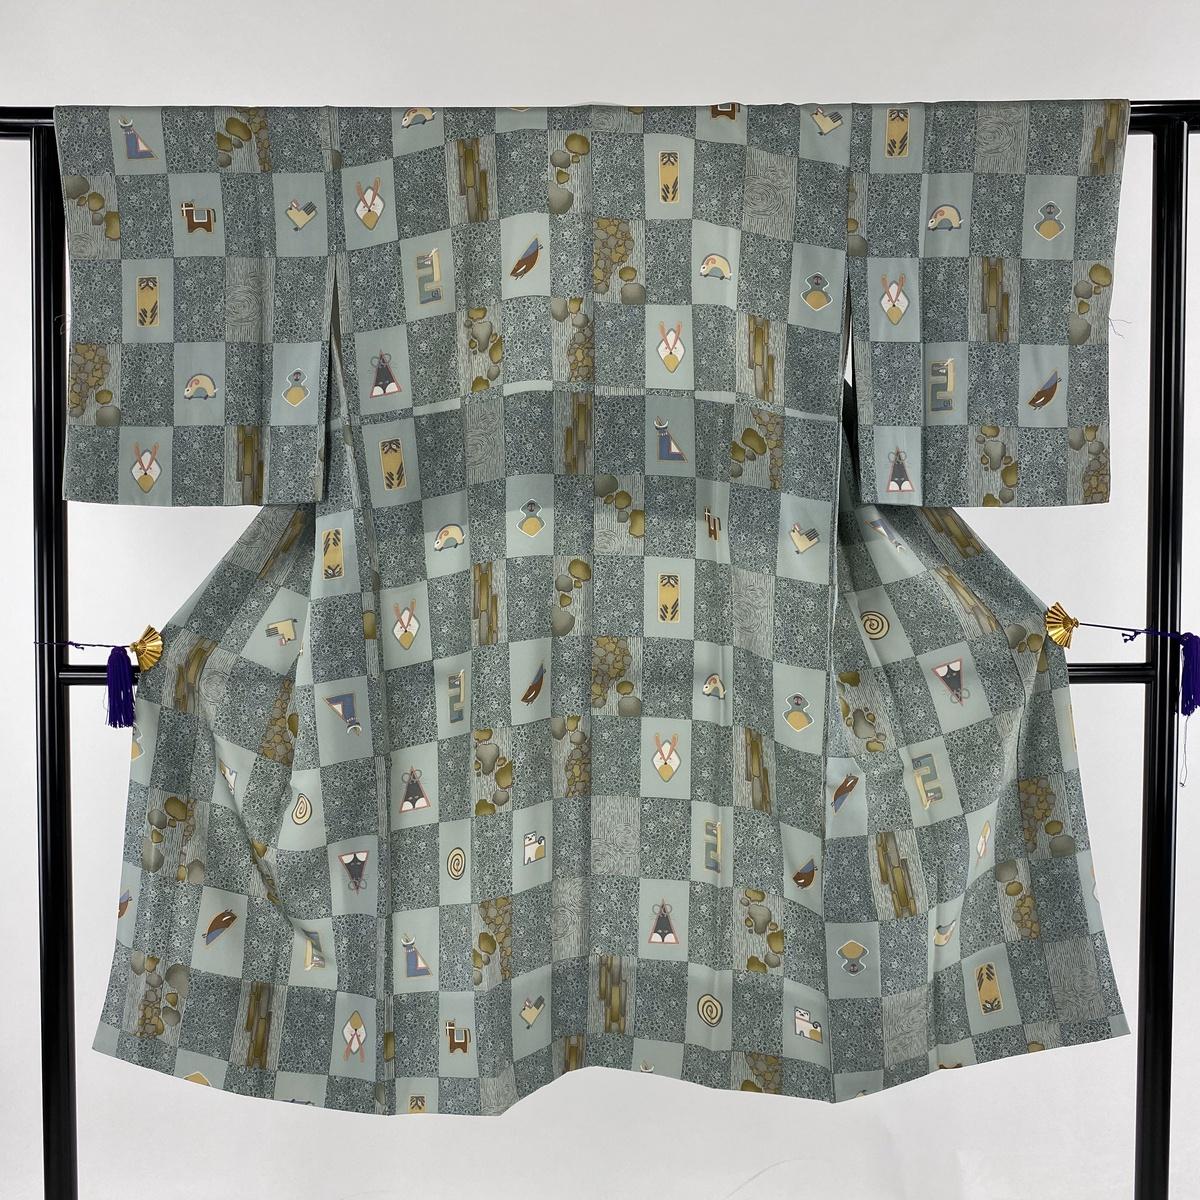 長襦袢 美品 名品 ほていや 干支 市松 薄緑 身丈119cm 裄丈60.5cm S 正絹 【中古】